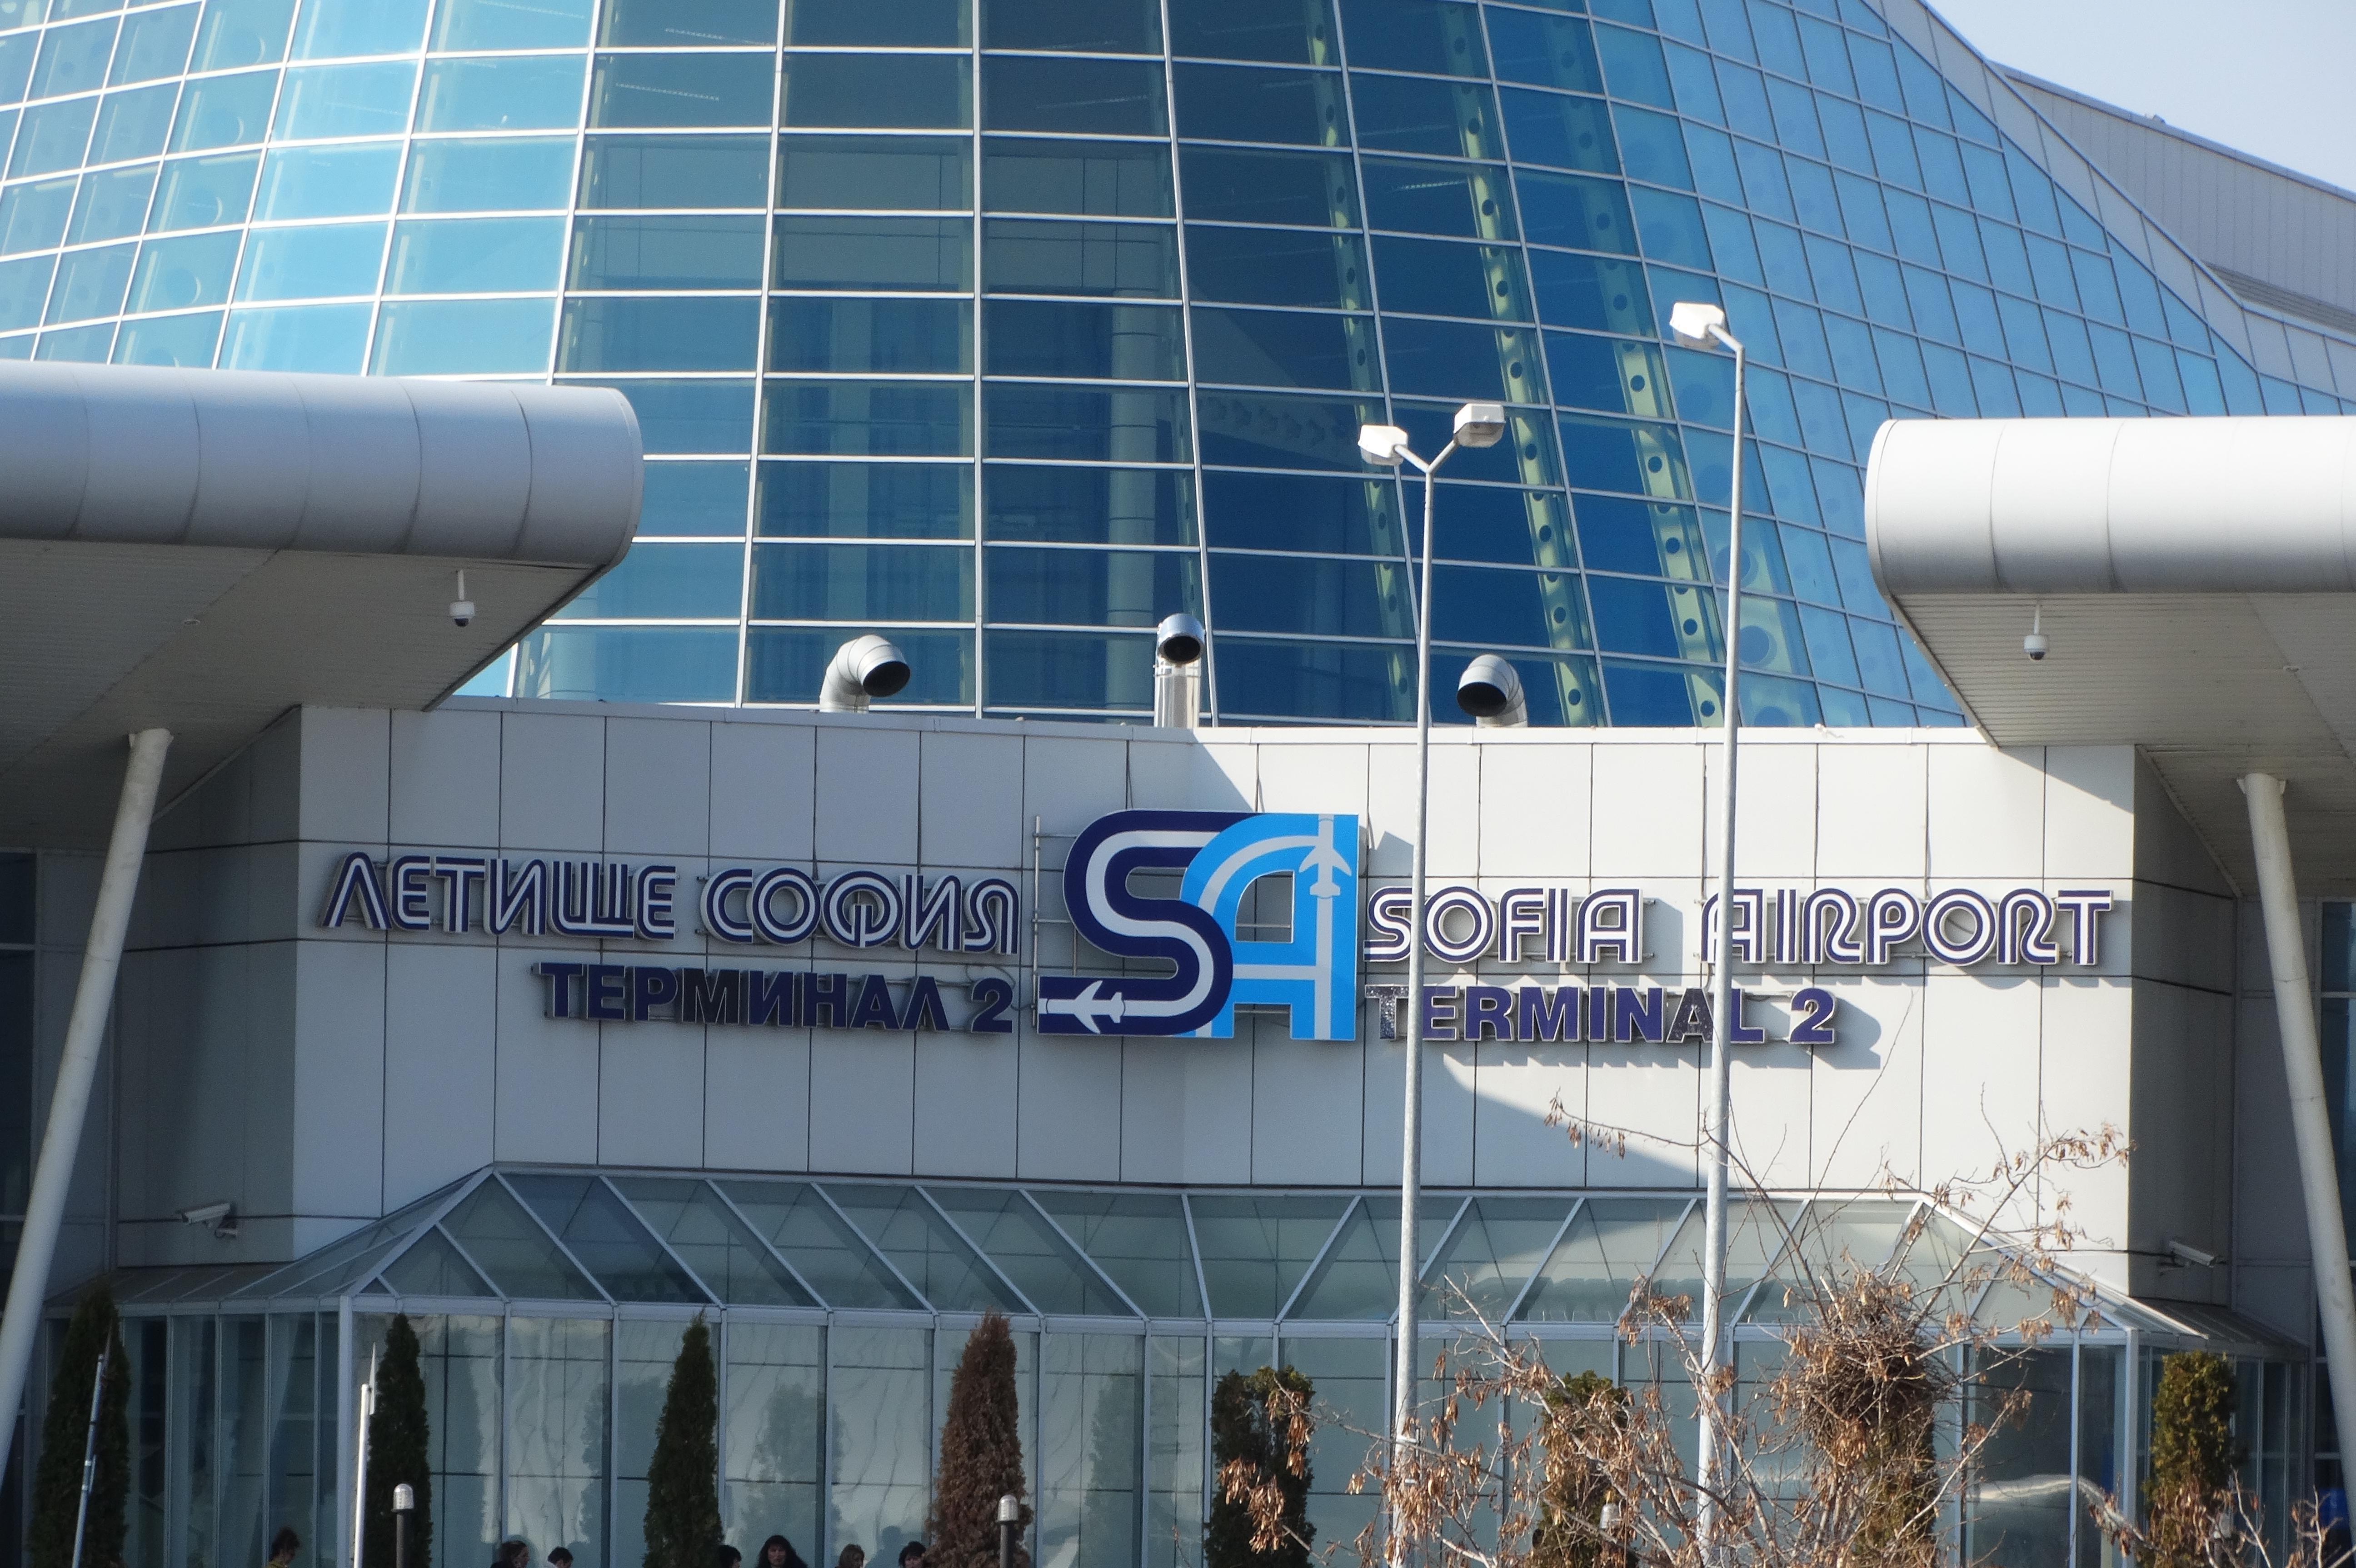 Подписаха анекса към концесията на Летище София, увеличават се инвестициите